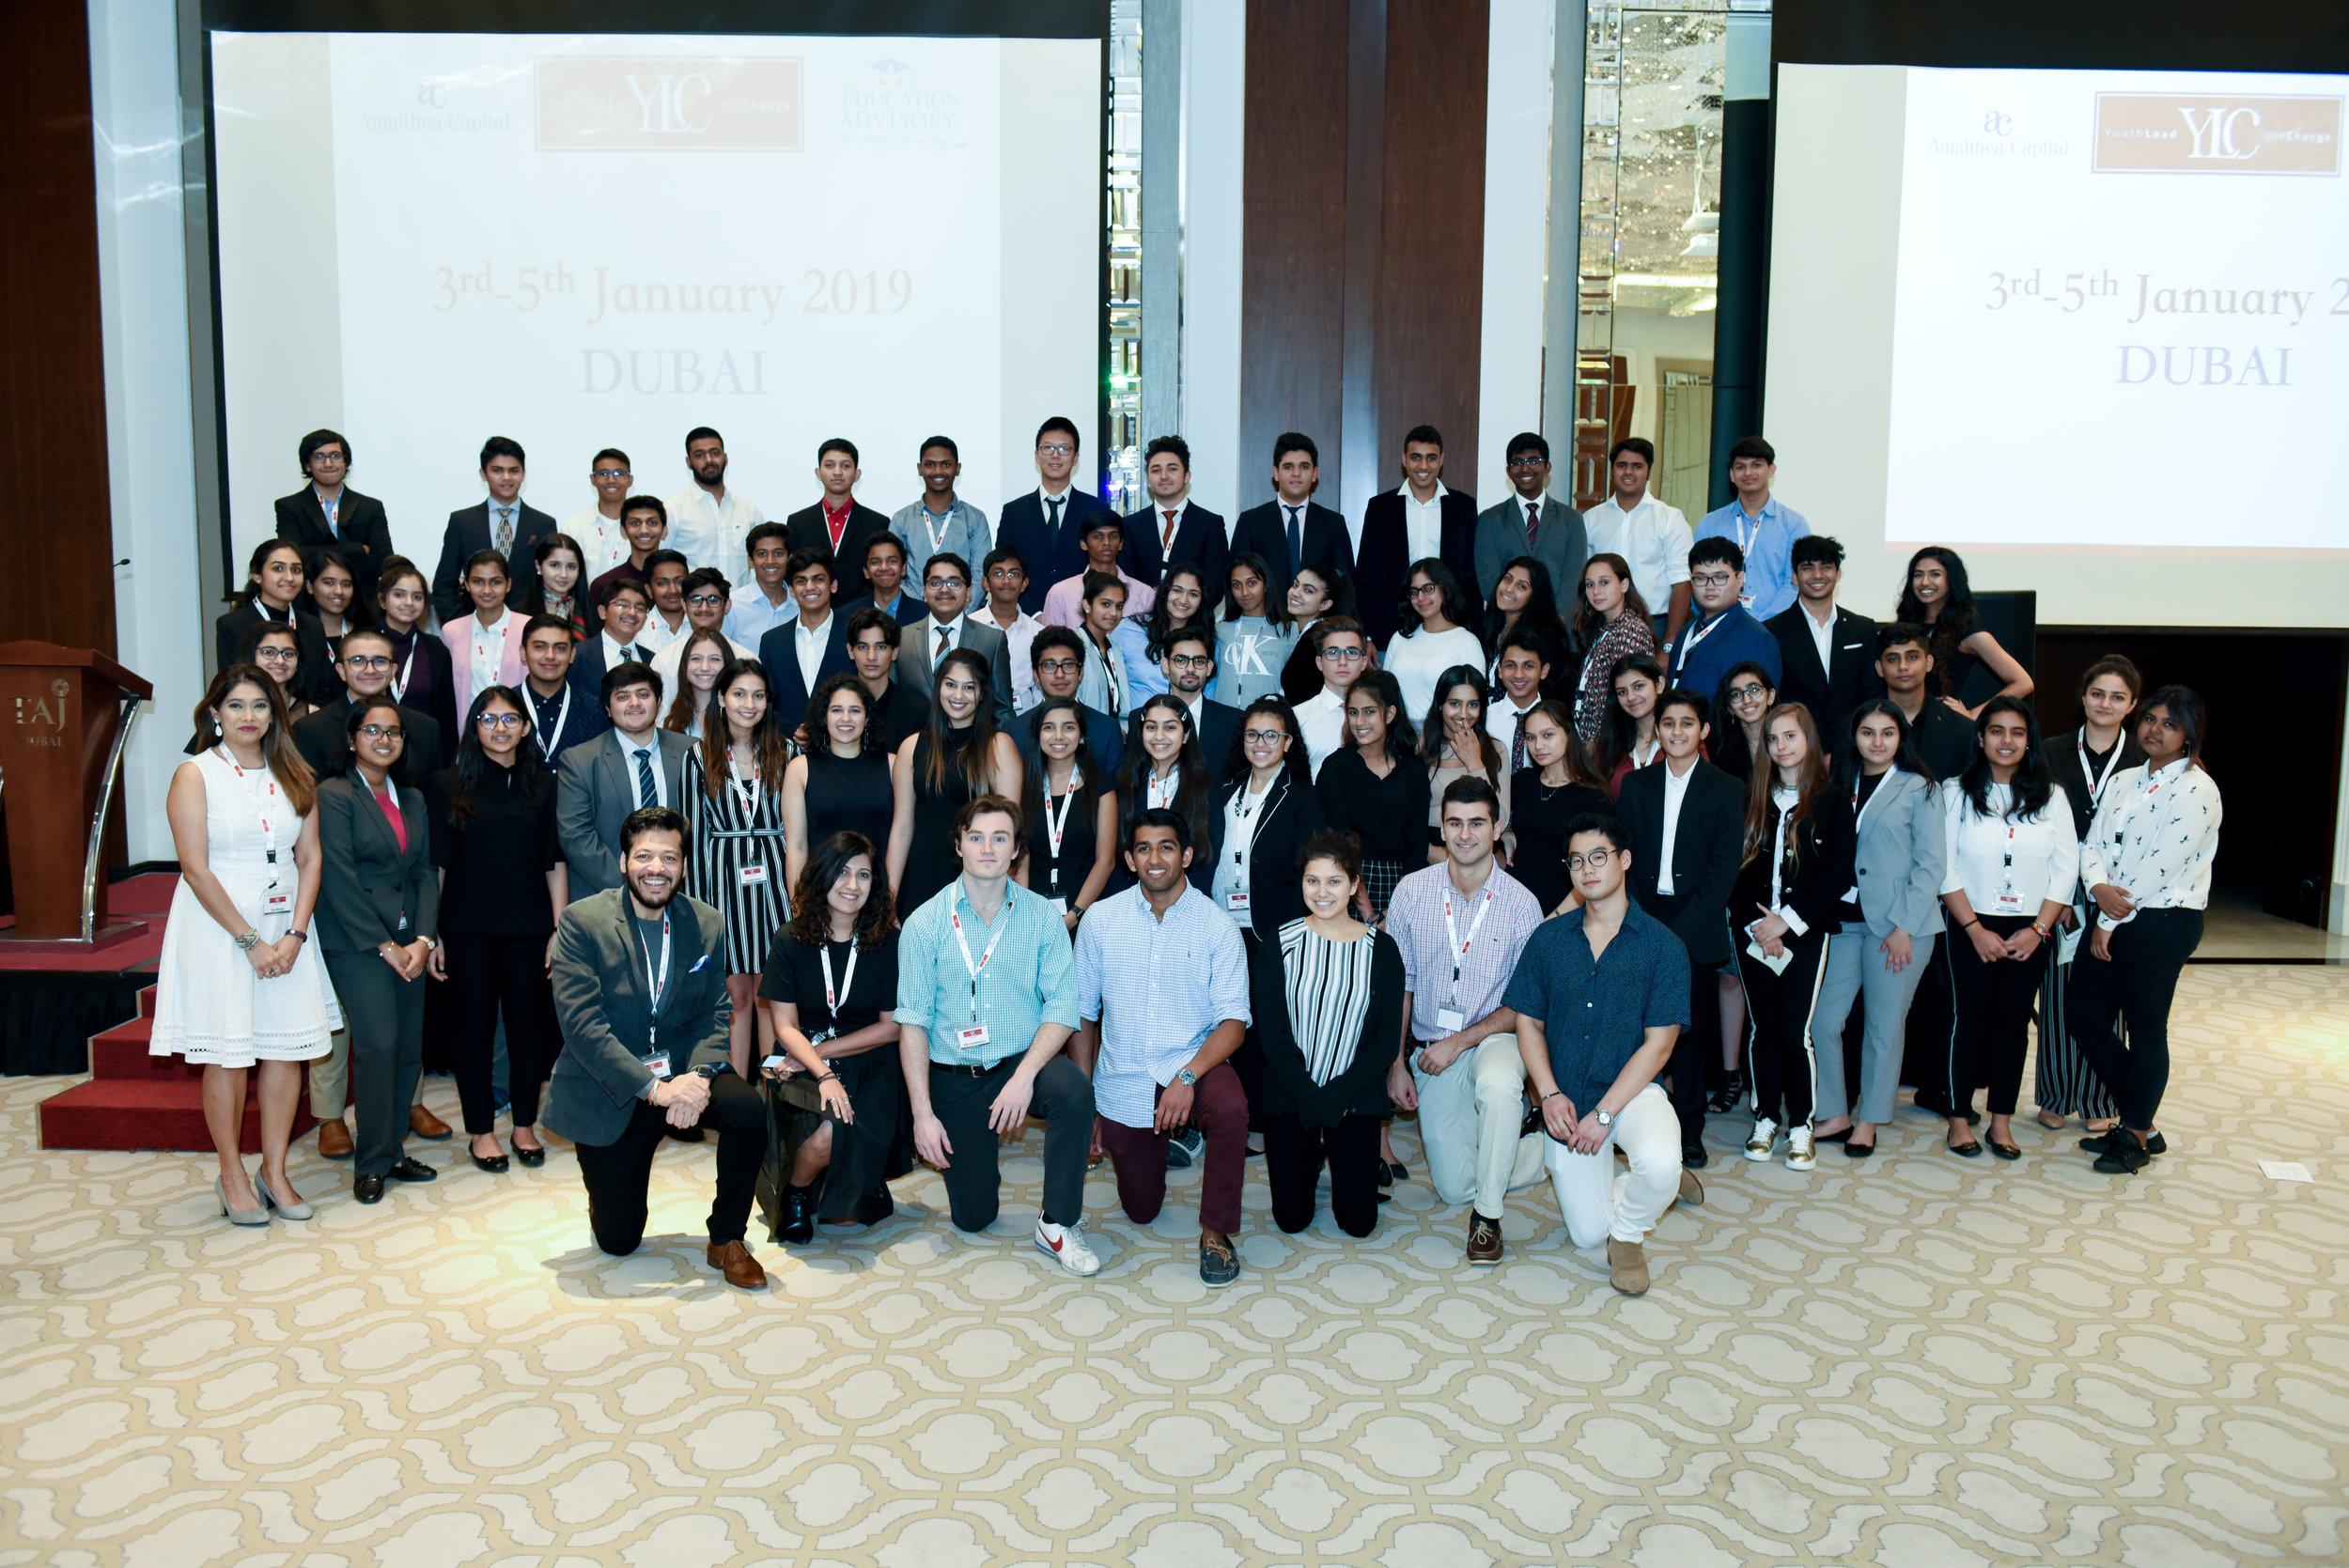 YLC Dubai 2019